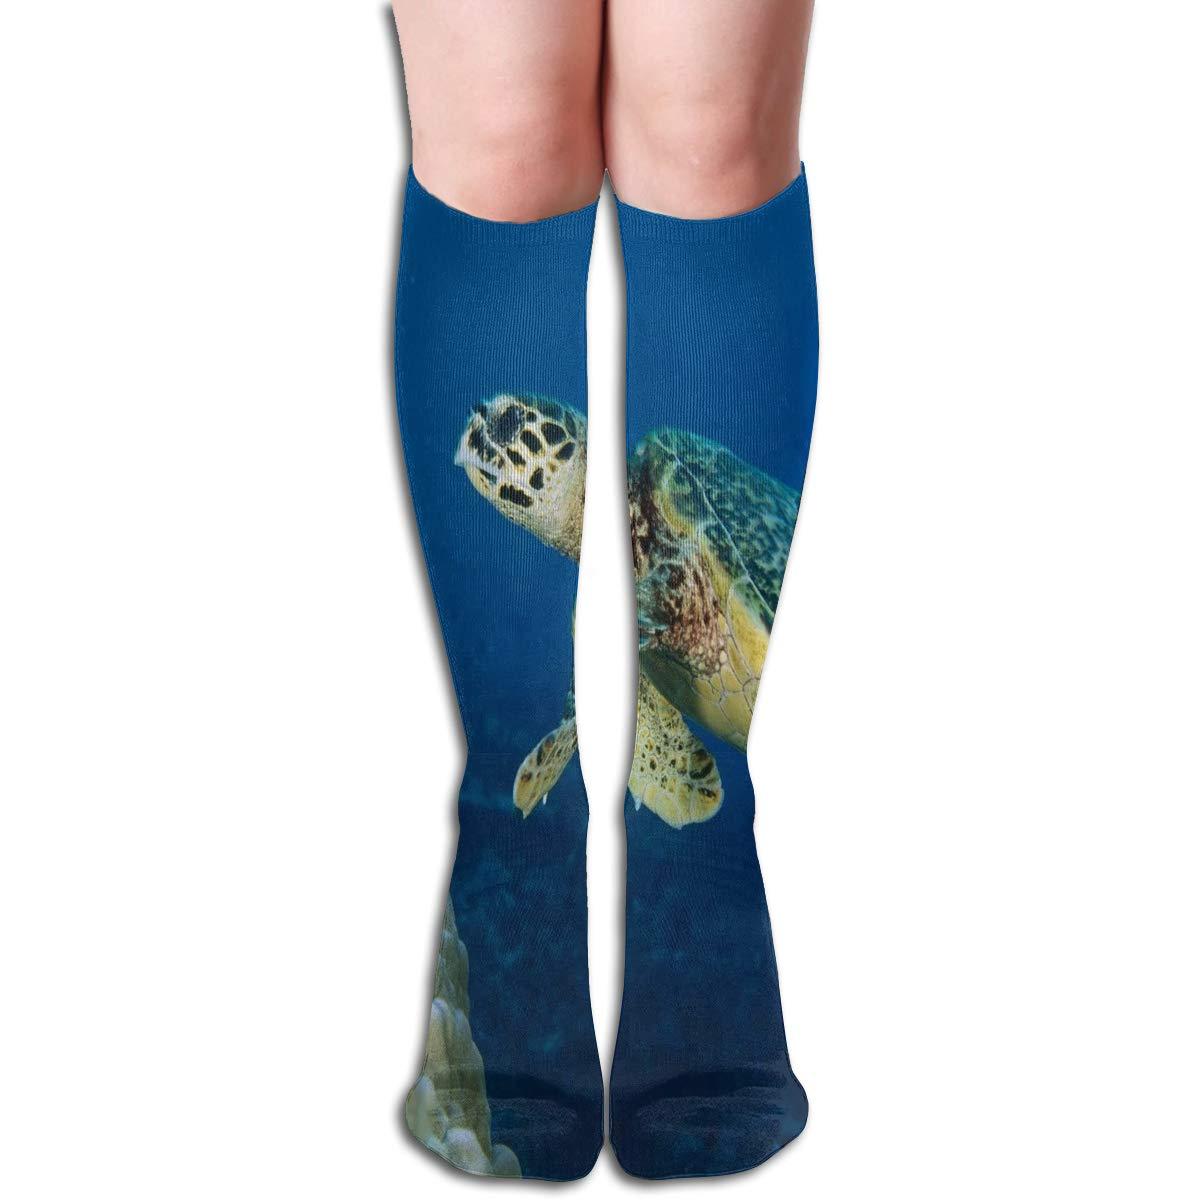 Girls Socks Mid-Calf Peacock Bird Winter Inspiring For Gift